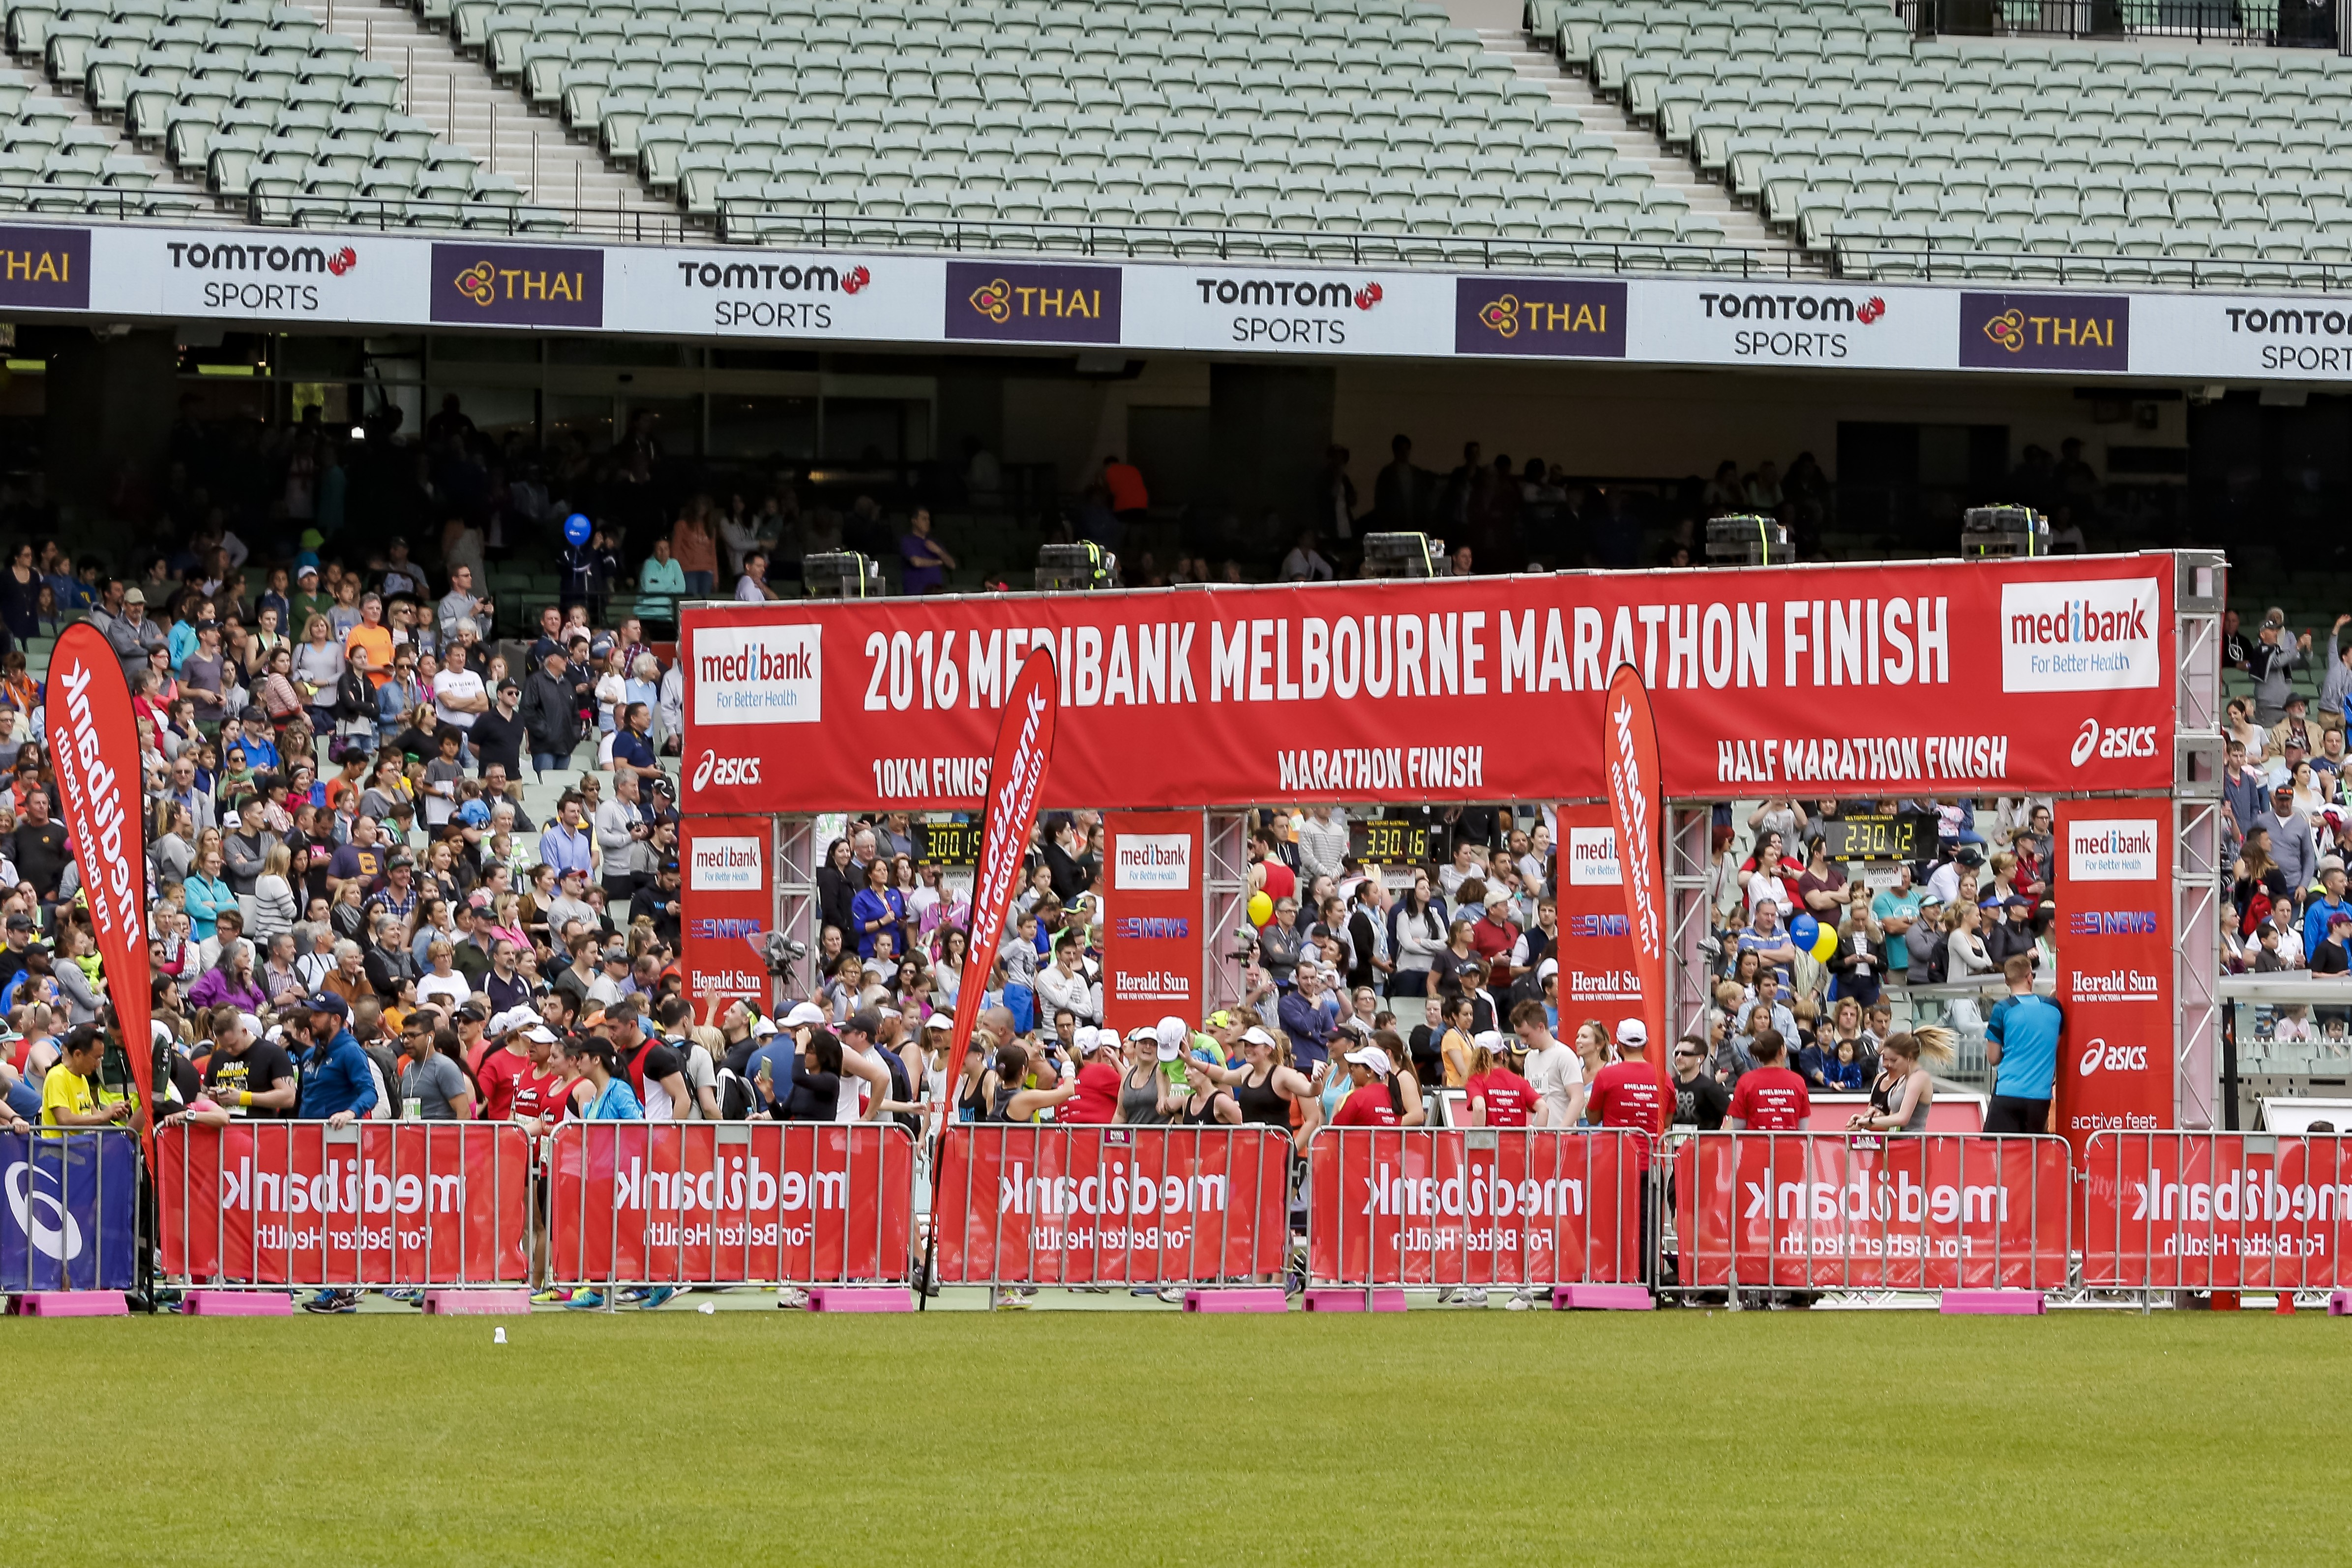 Calendario Triatlon Half 2019 Más Recientes Medibank Melbourne Marathon Festival Of Calendario Triatlon Half 2019 Recientes Metasprint Series